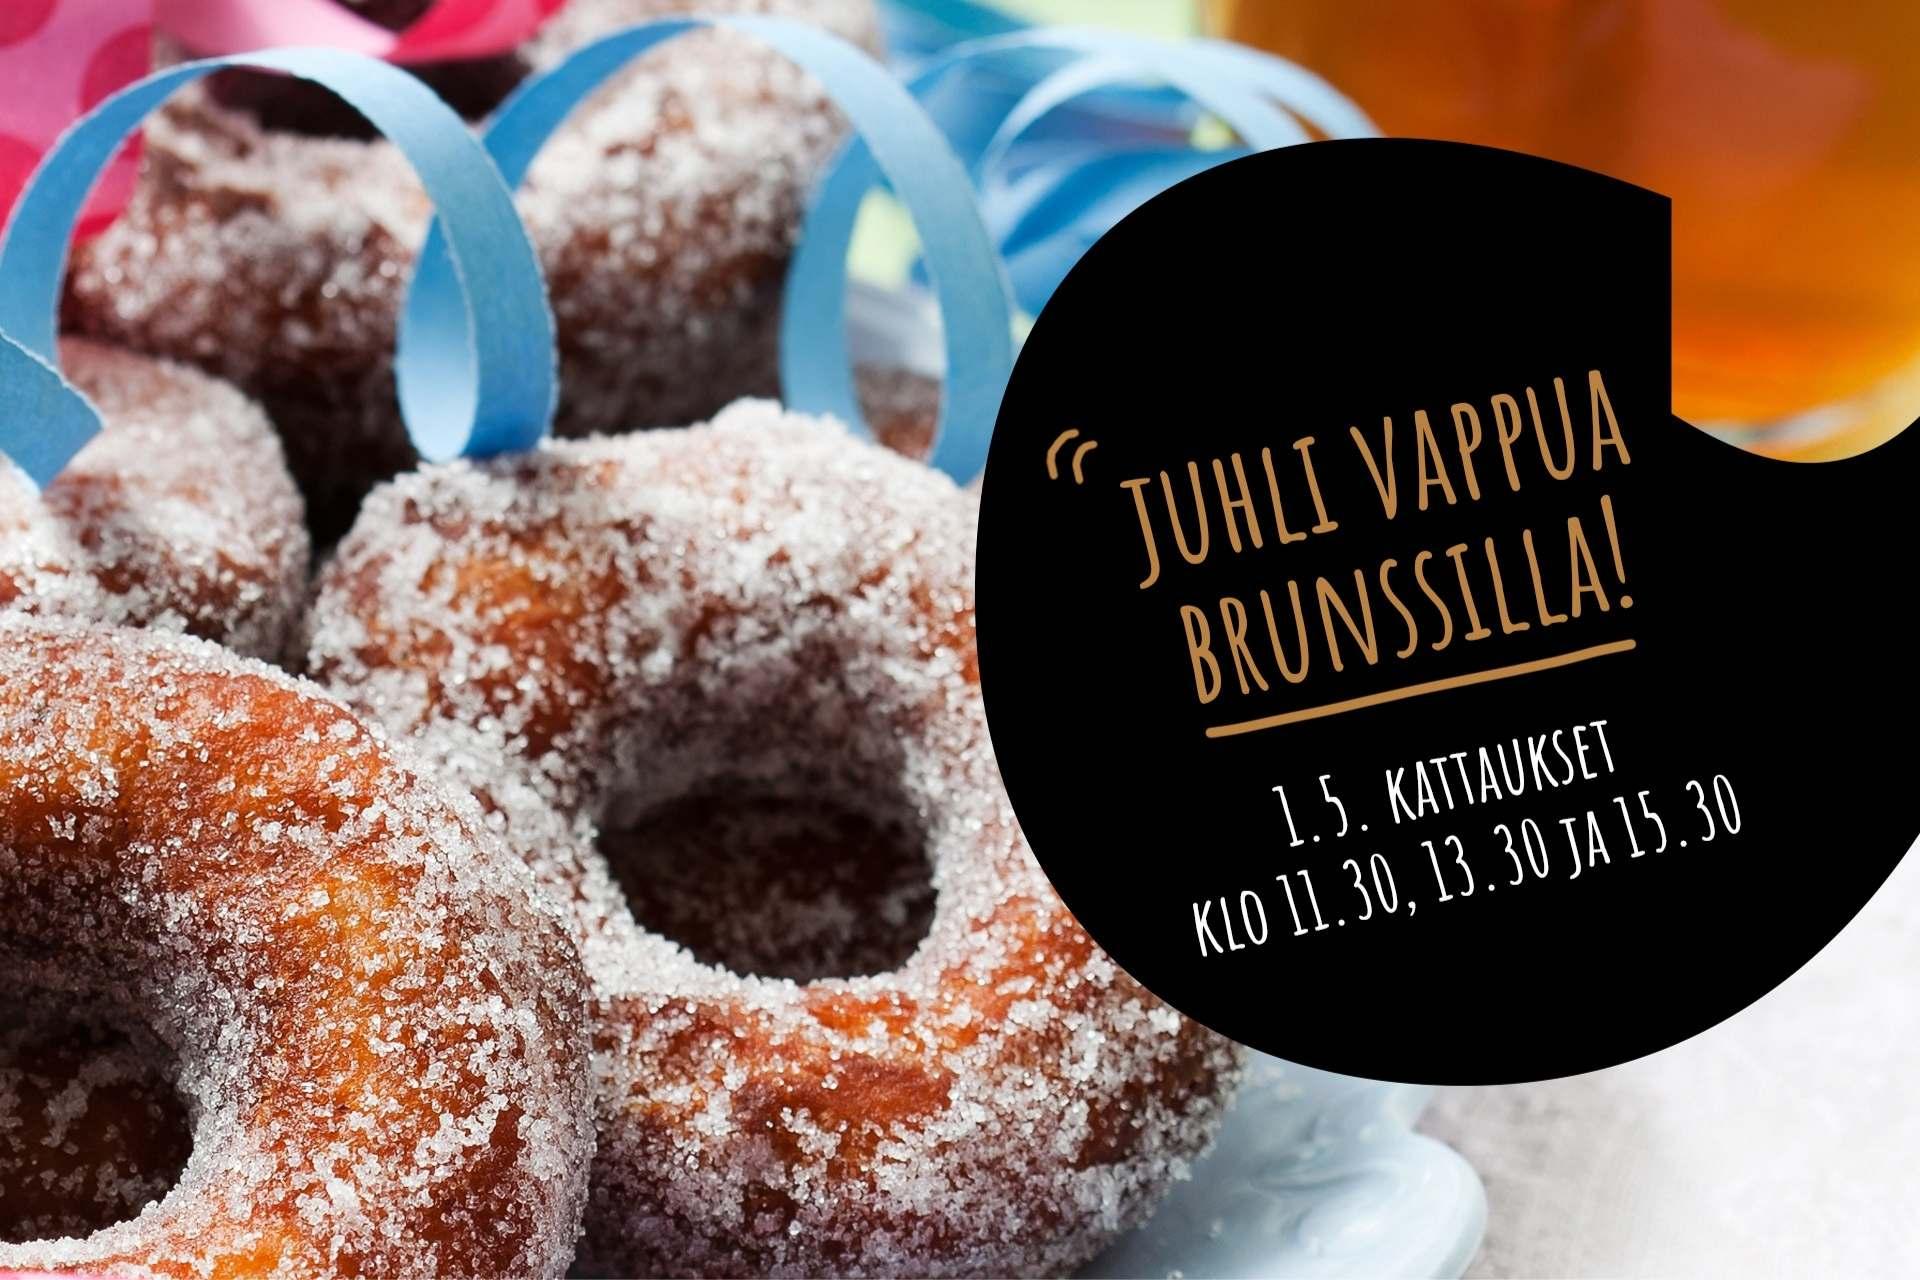 Espoon ravintola Frejassa tarjoillaan vappubrunssia 1.5.2021